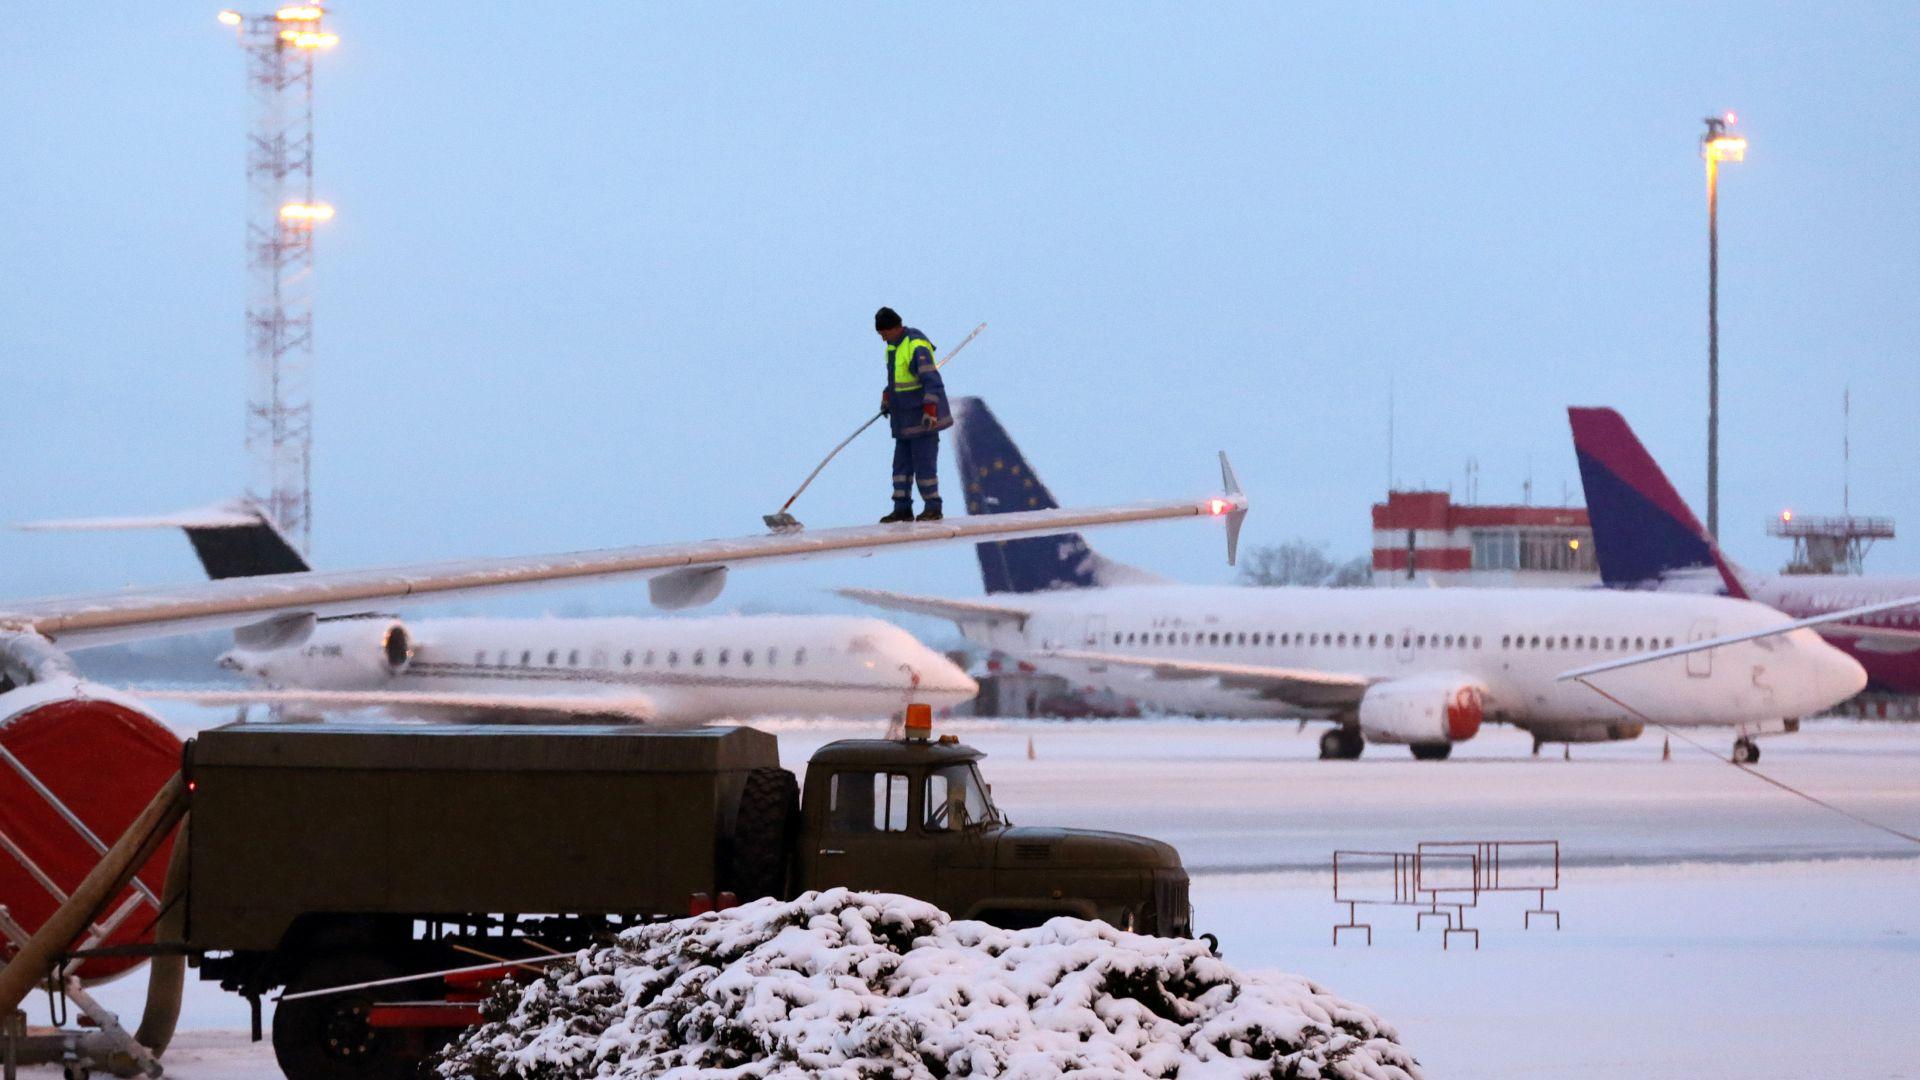 България има да наваксва в самолетната индустрия